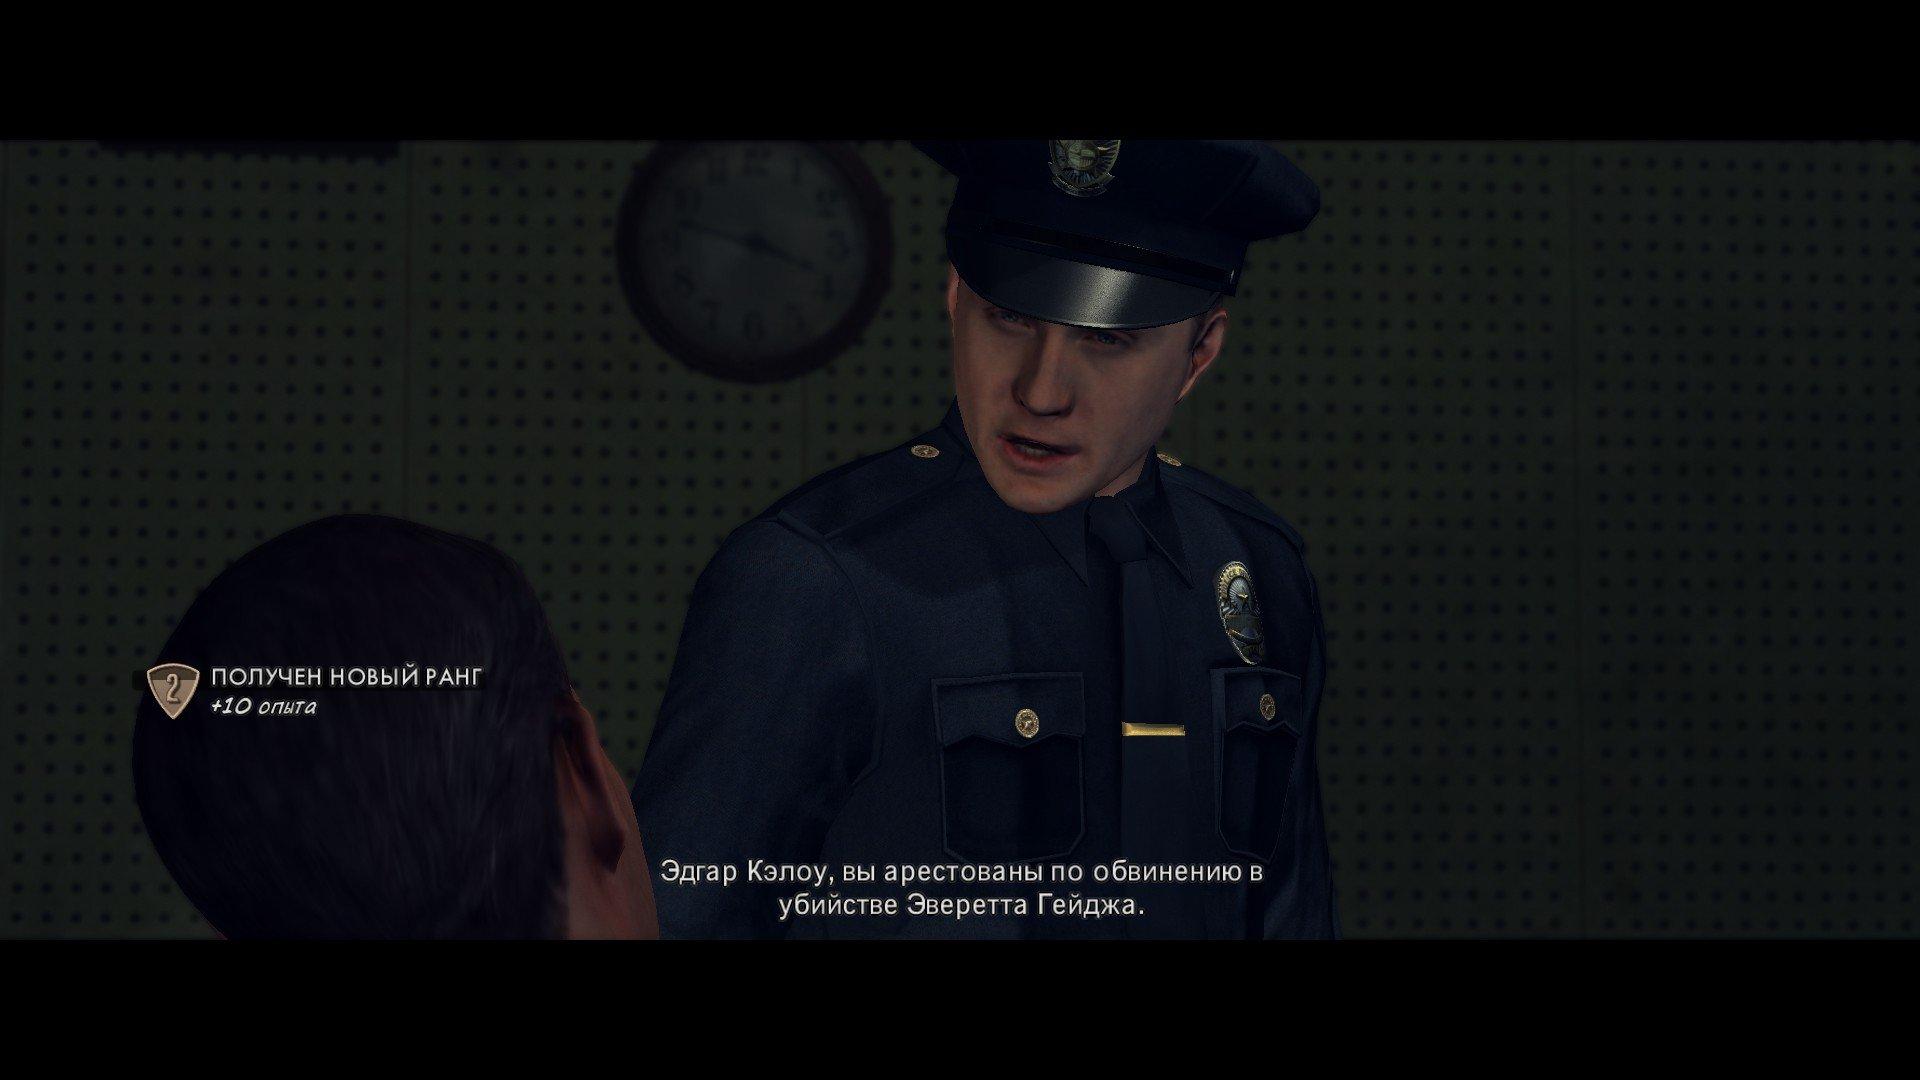 Пост-прохождение L.A. Noire Часть 2 - Изображение 15